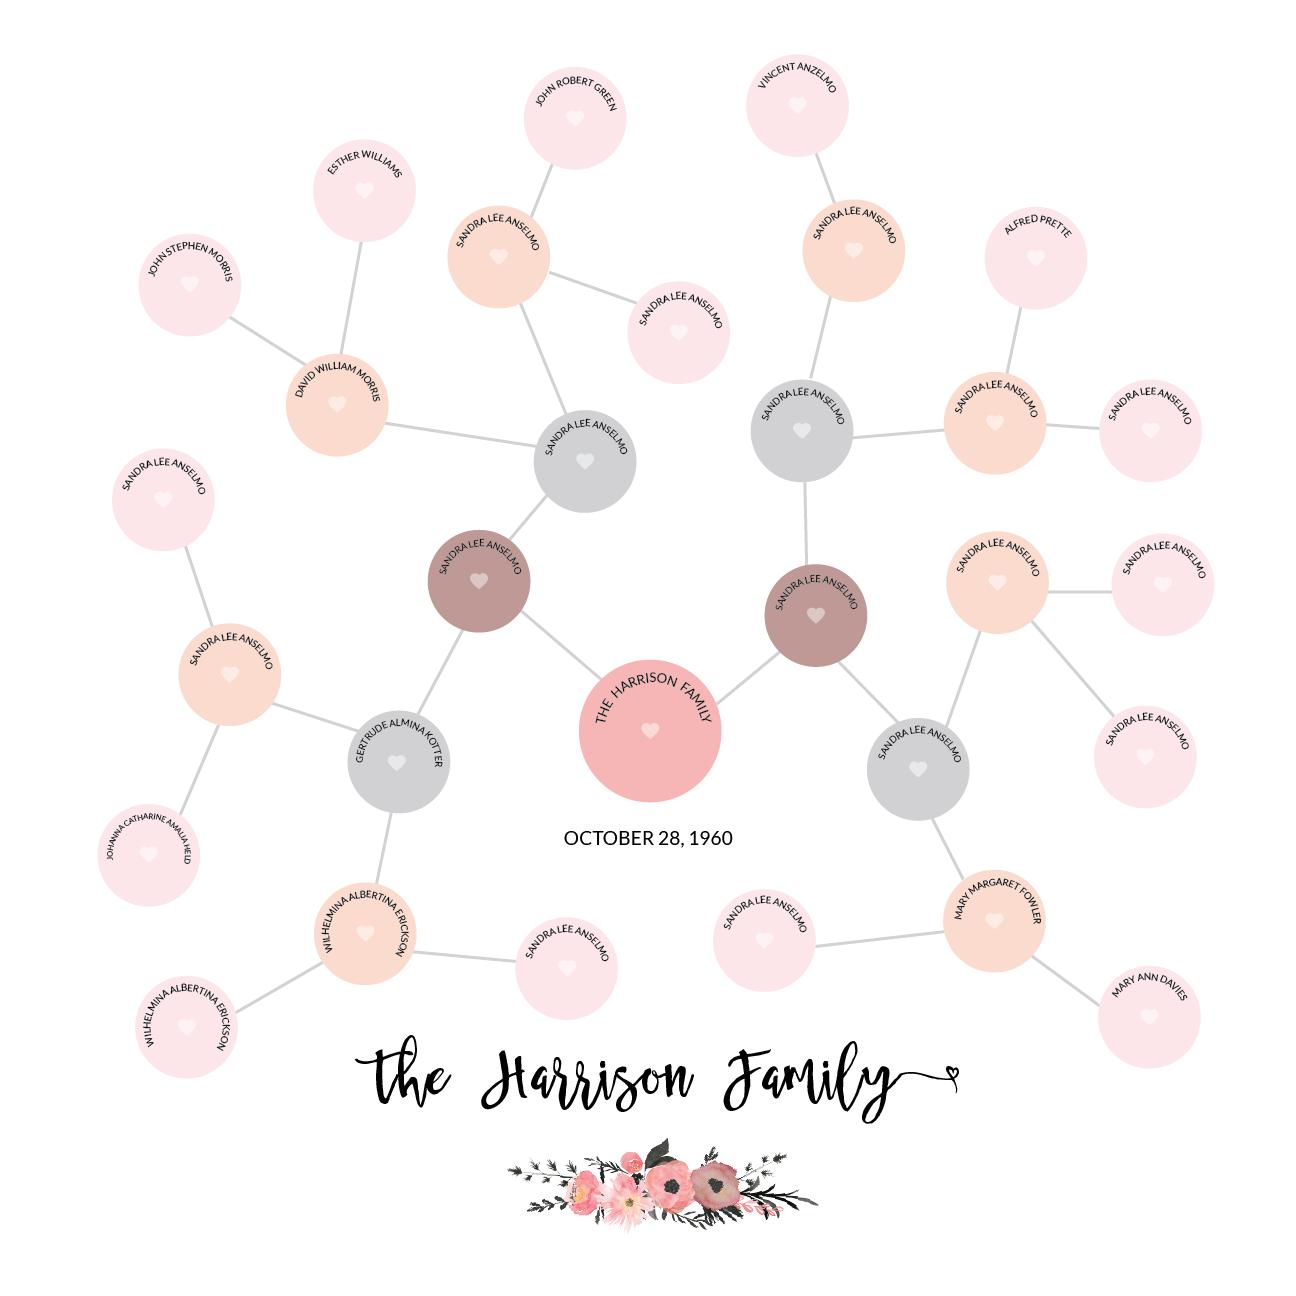 The Morris Family Harrison family-01